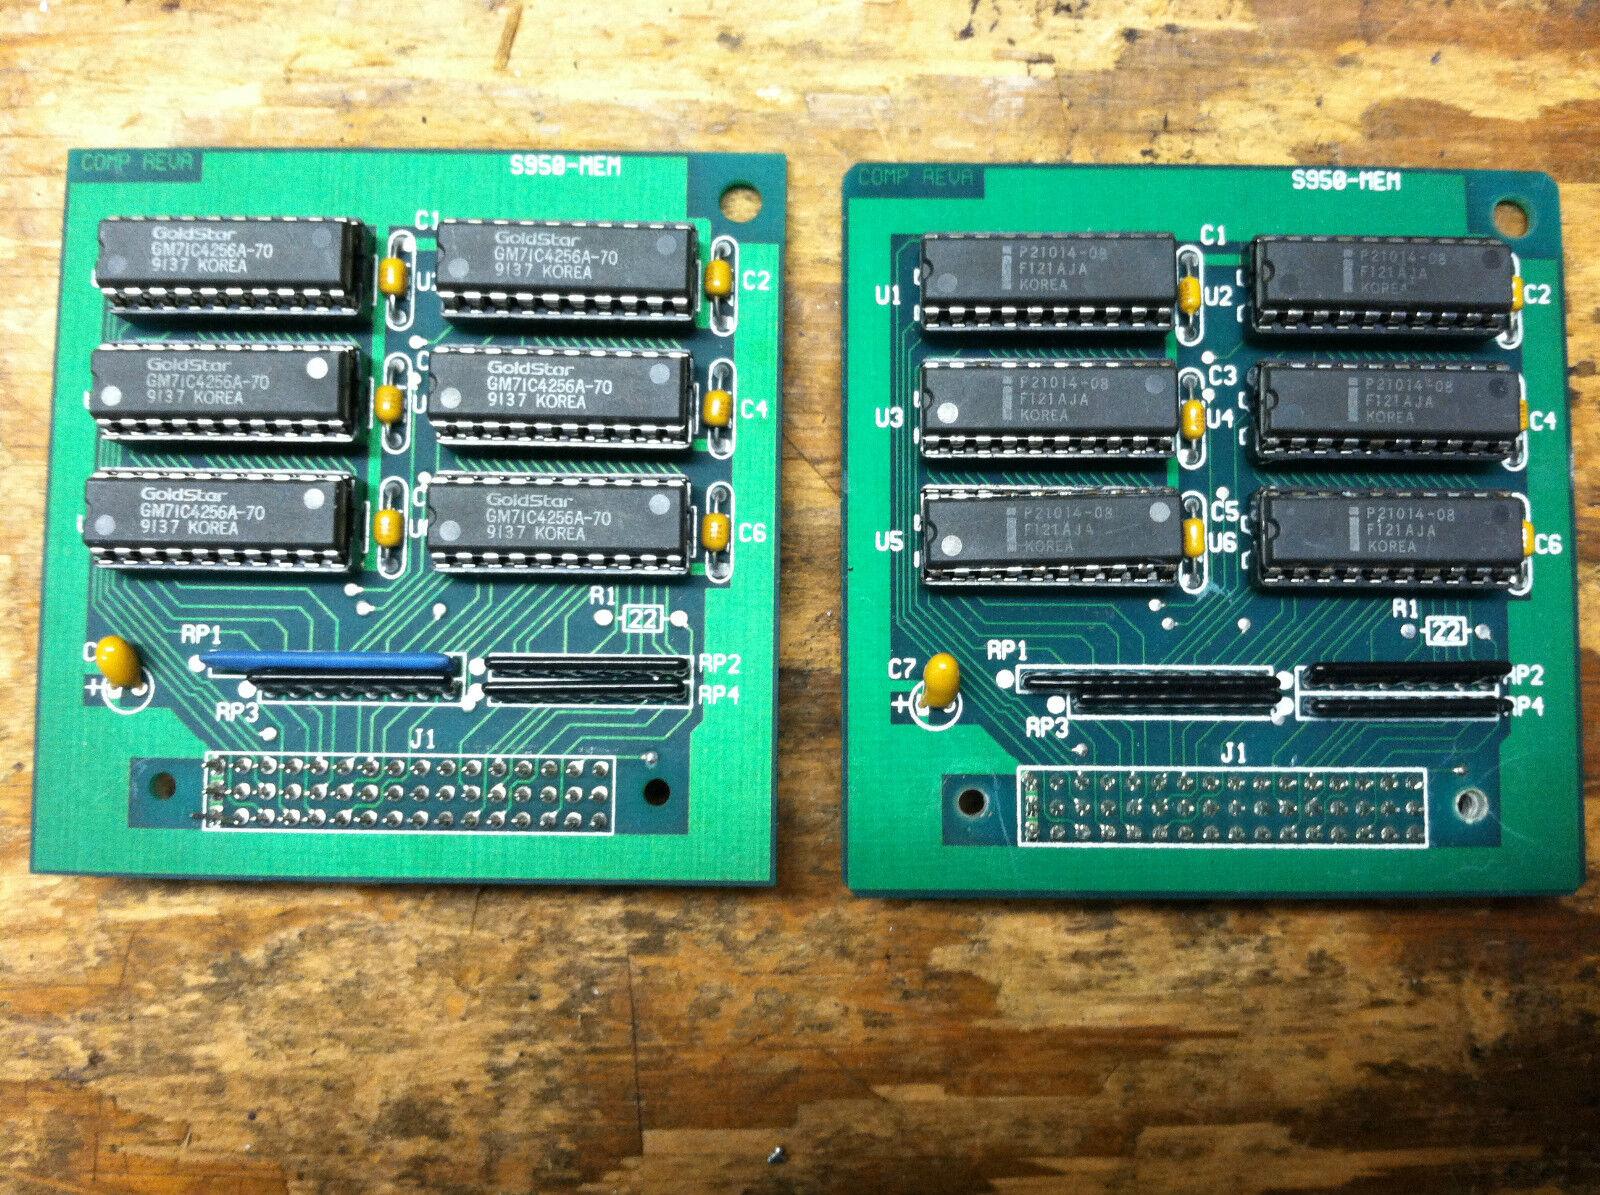 2 Speichererweiterungskarten für AKAI S-950 Sampler  Vintage Board max memory ARMENS